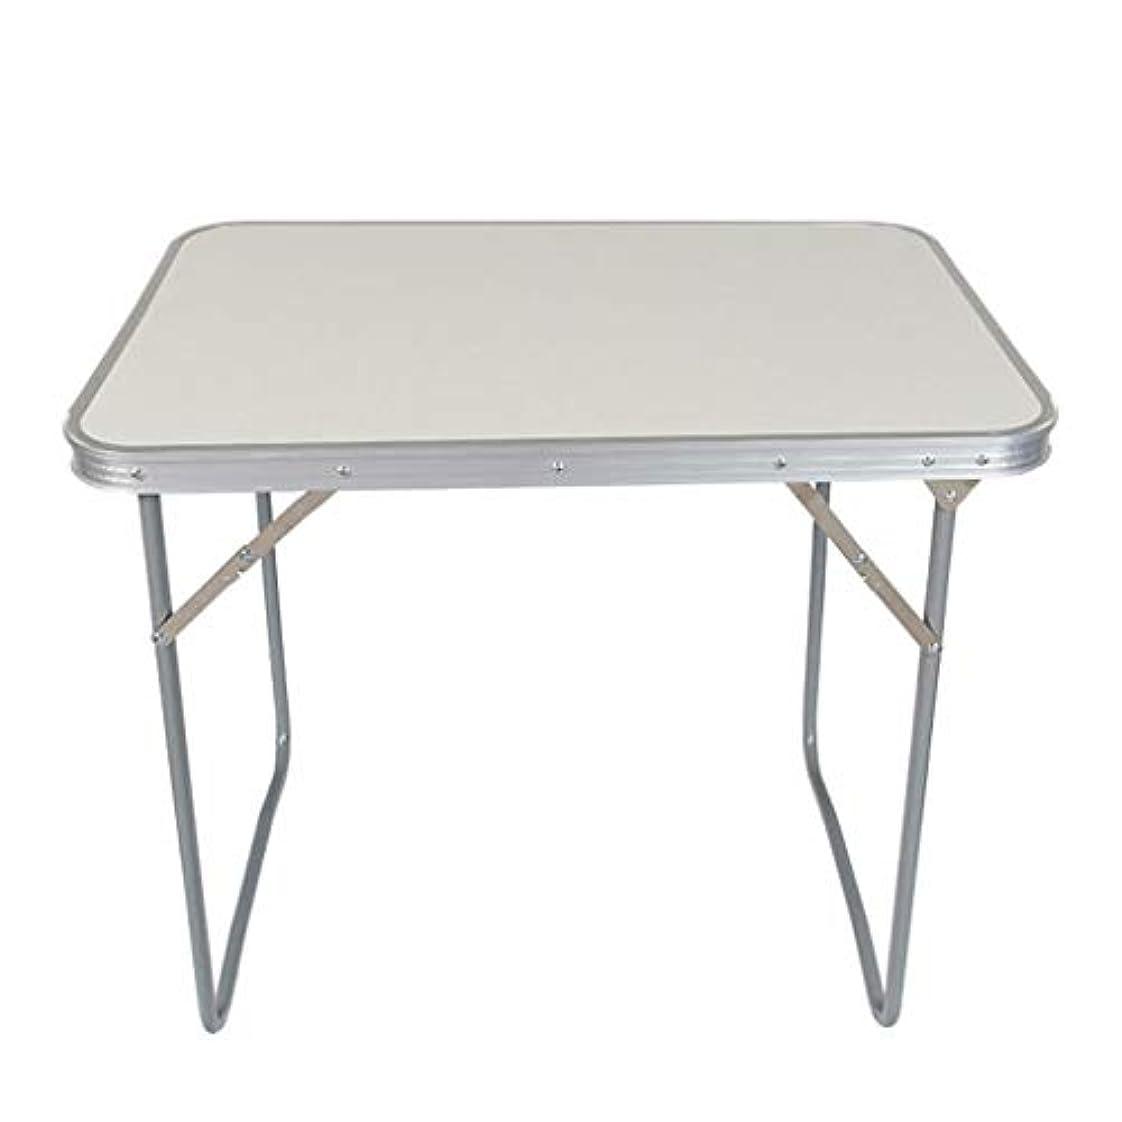 寸法苦回転NJ 折りたたみ式テーブル- 屋外光折り畳み式コンピュータデスク、ホームドミトリー長方形ダイニングテーブル (色 : 白, サイズ さいず : 70x60x50.5cm)